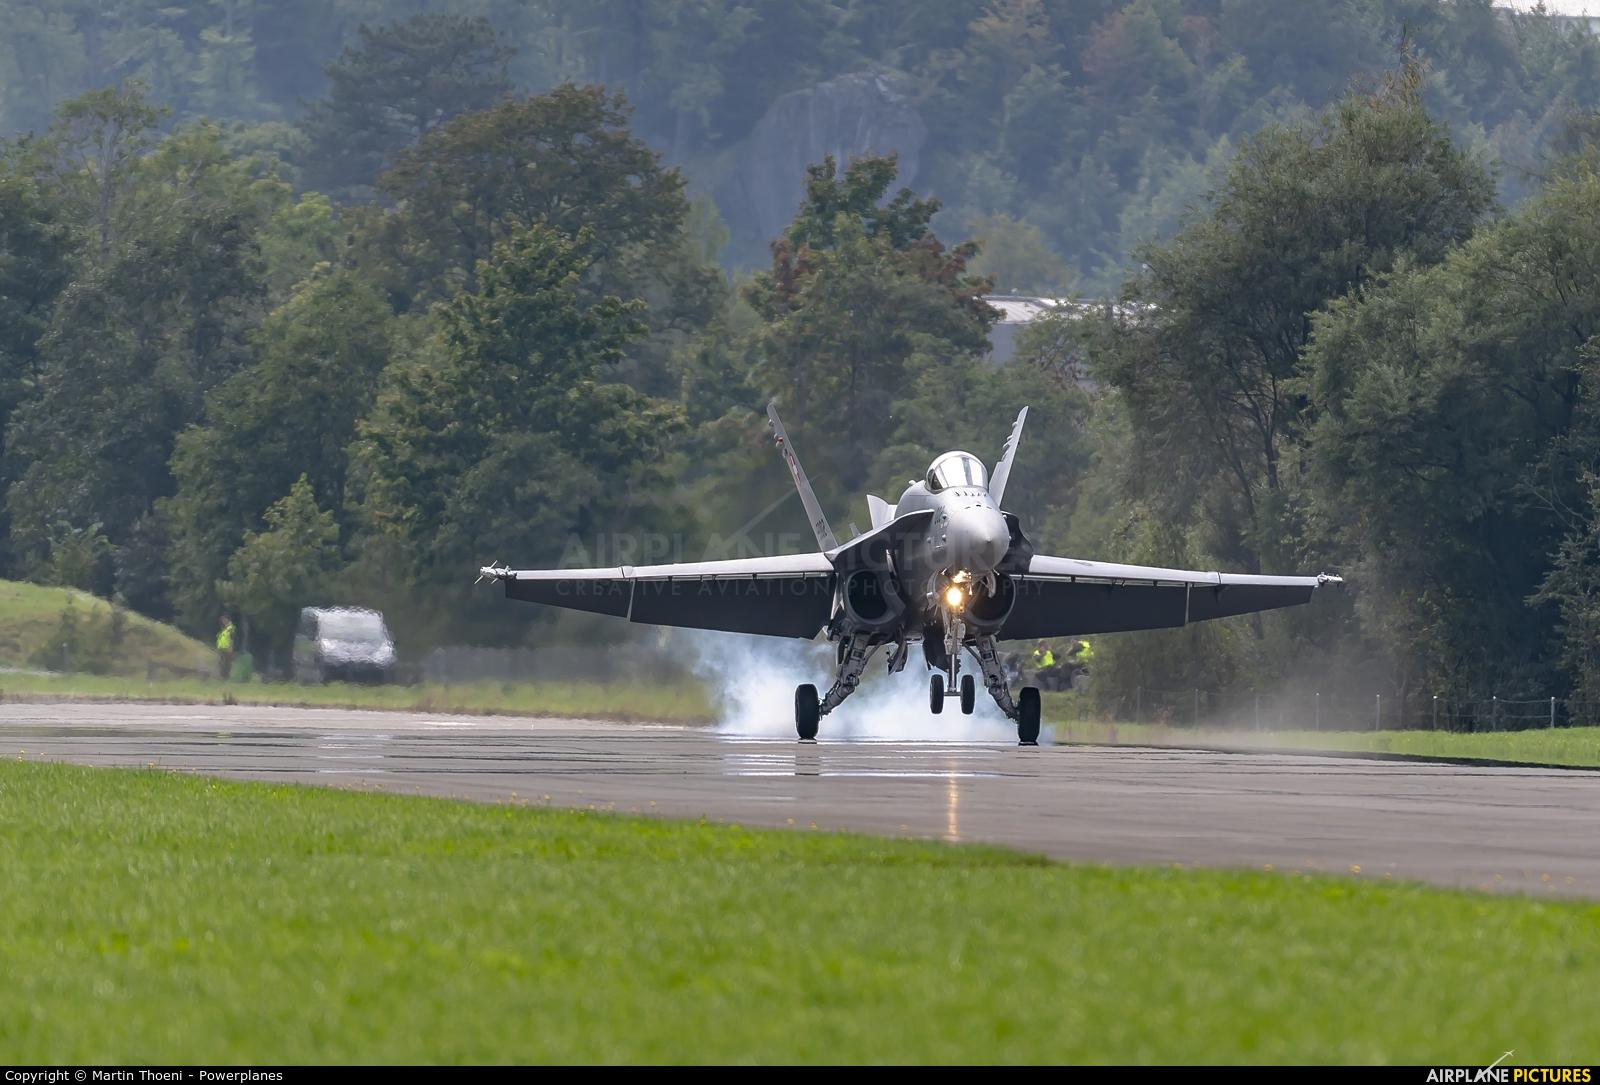 Switzerland - Air Force J-5002 aircraft at Mollis